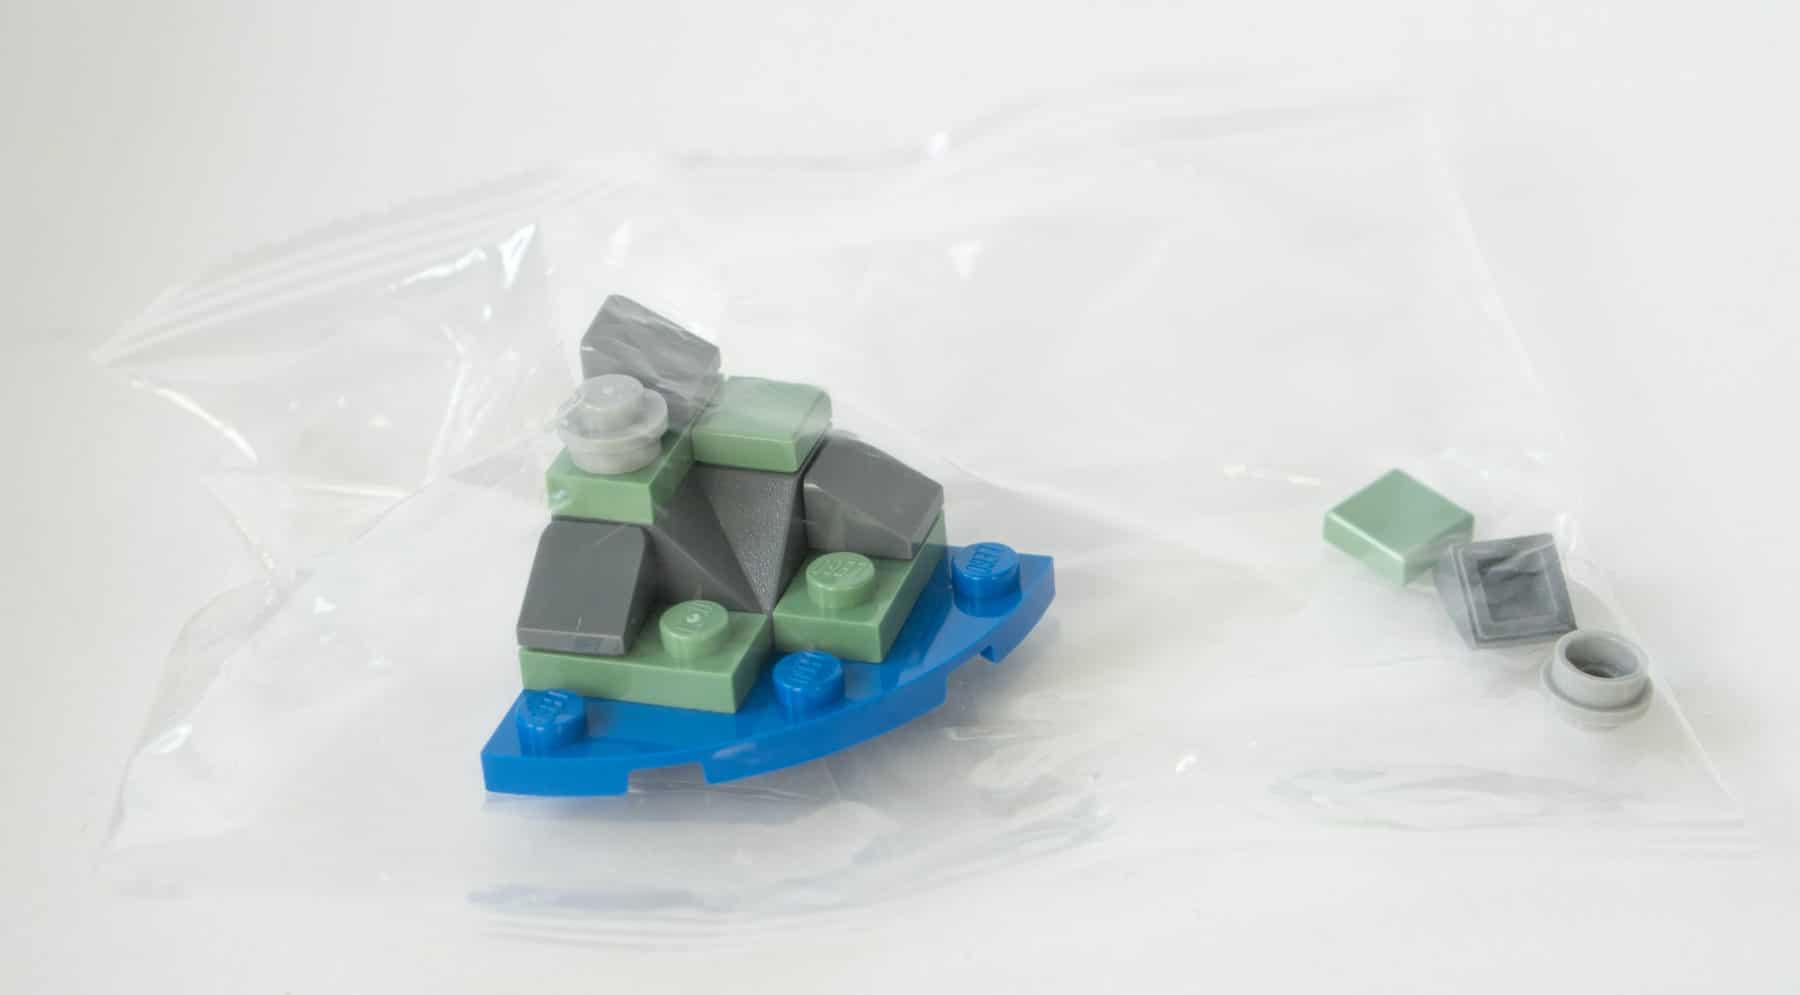 LEGO Star Wars Adventskalender in der Tüte bauen